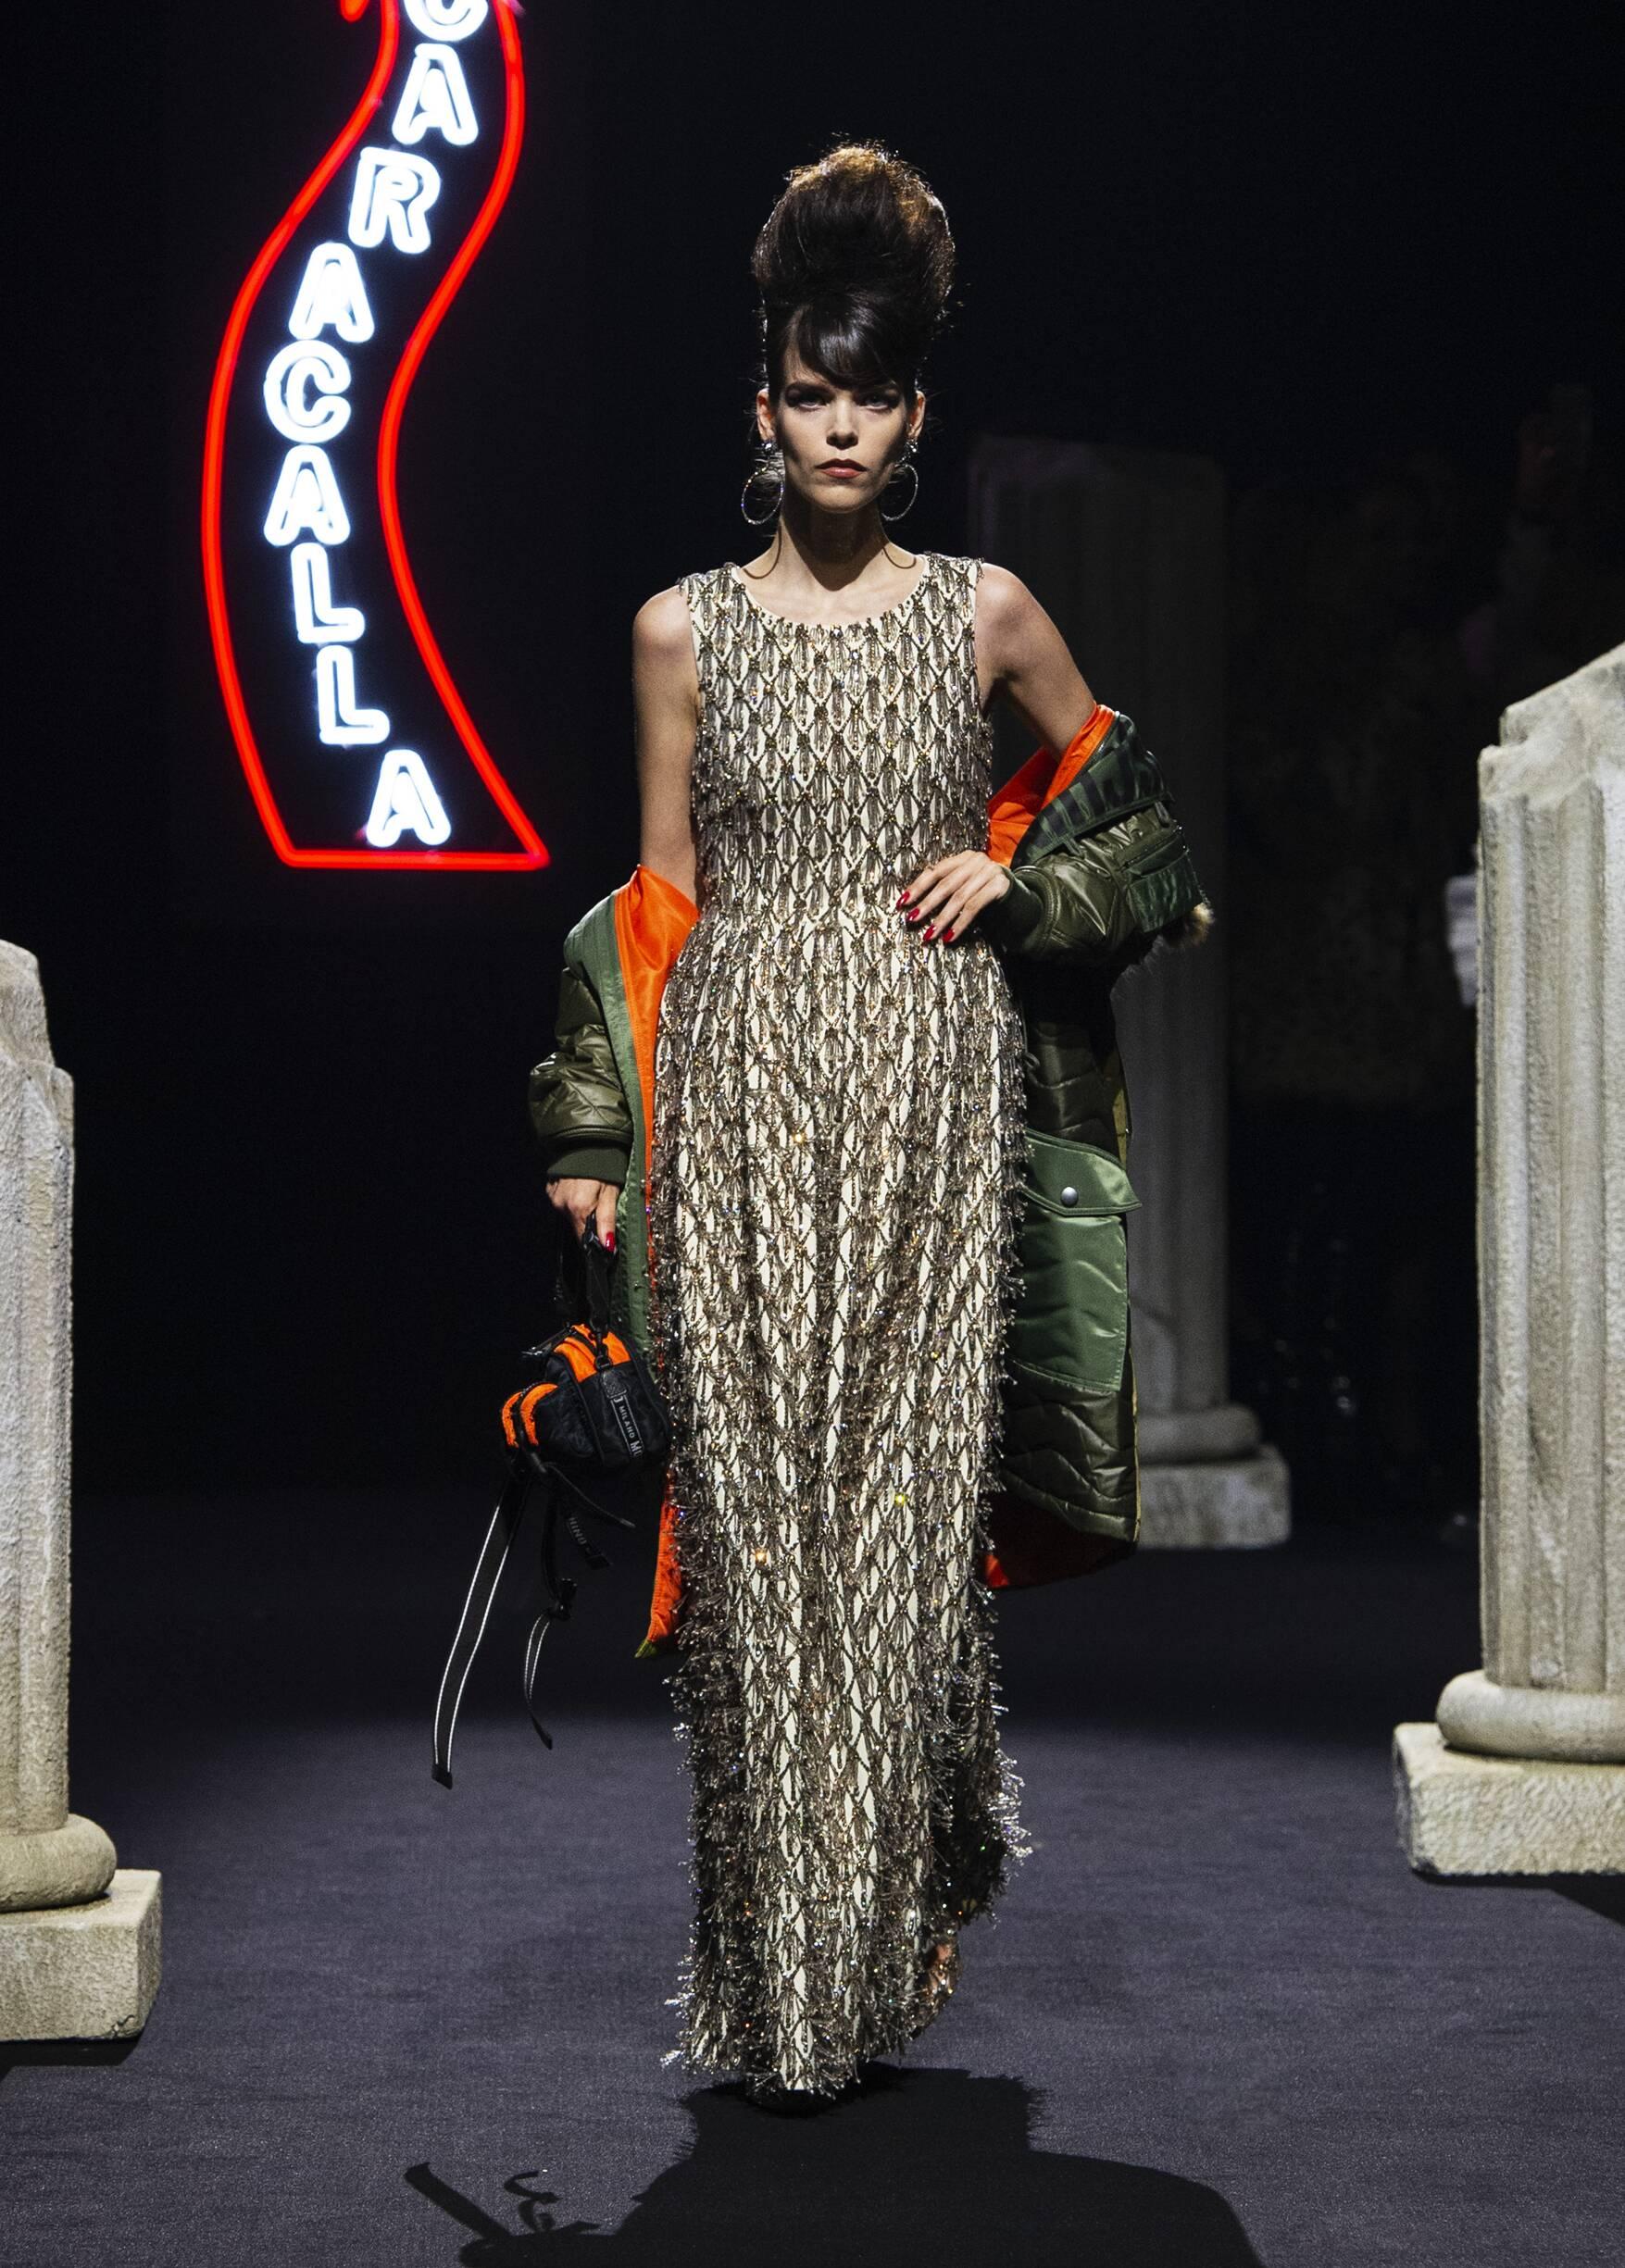 FW 2019-20 Moschino Fashion Show Rome